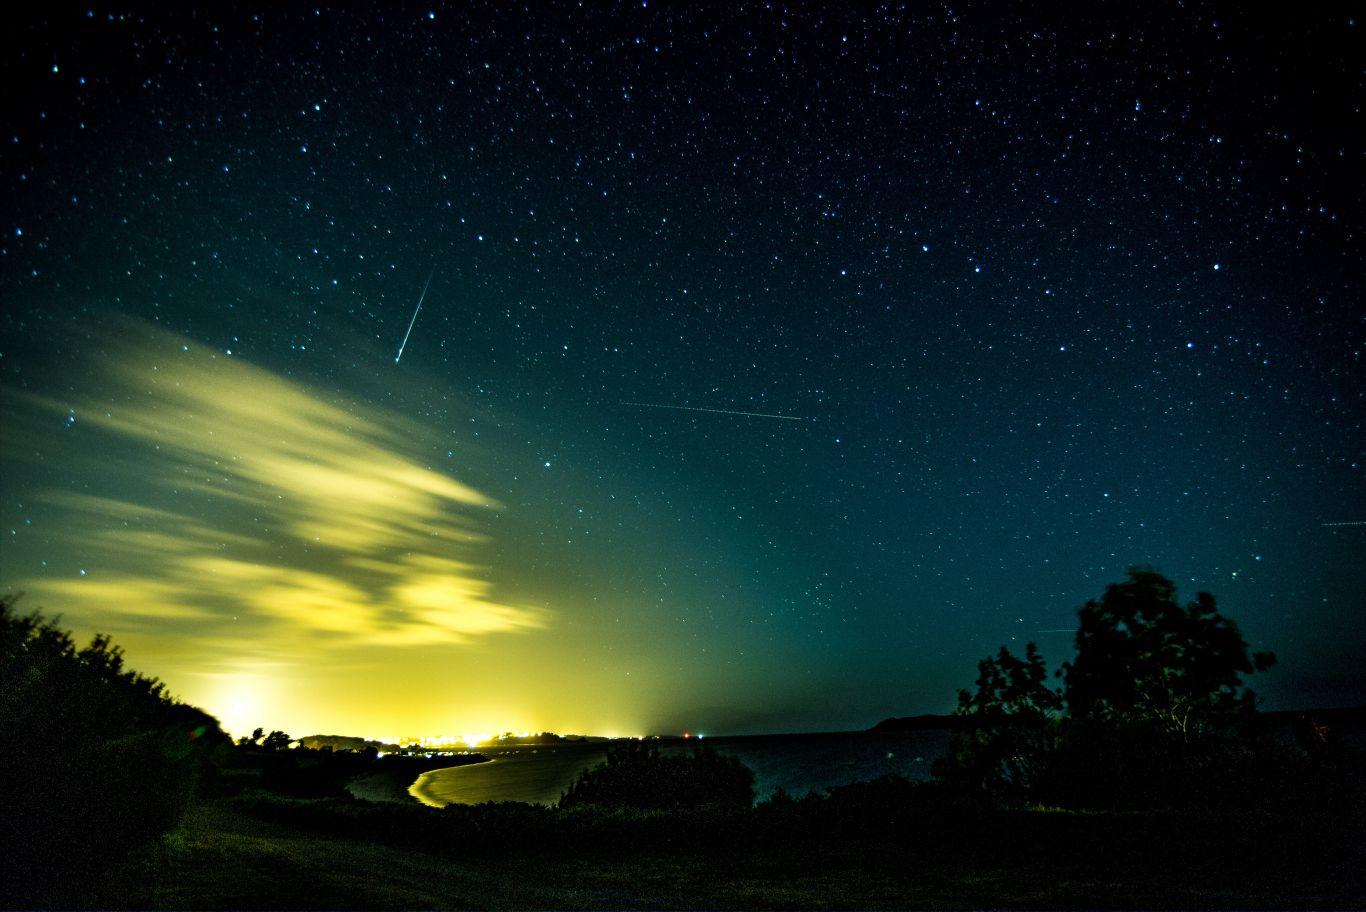 eventos astronômicos 3